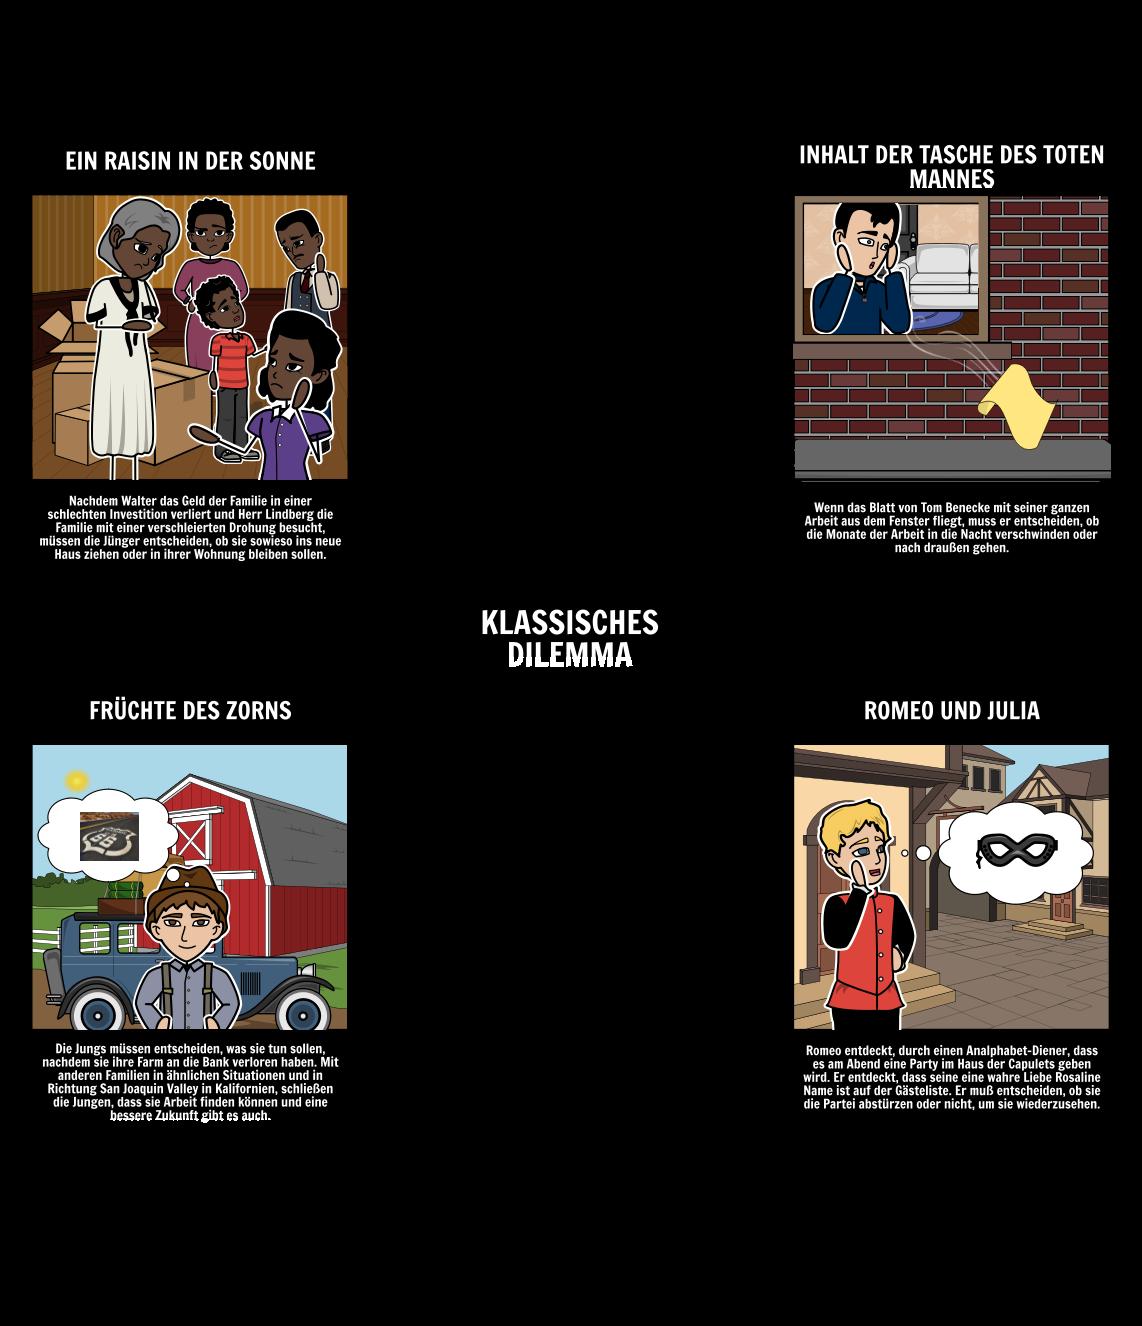 Beispiele für Klassische Dilemmata in der Literatur